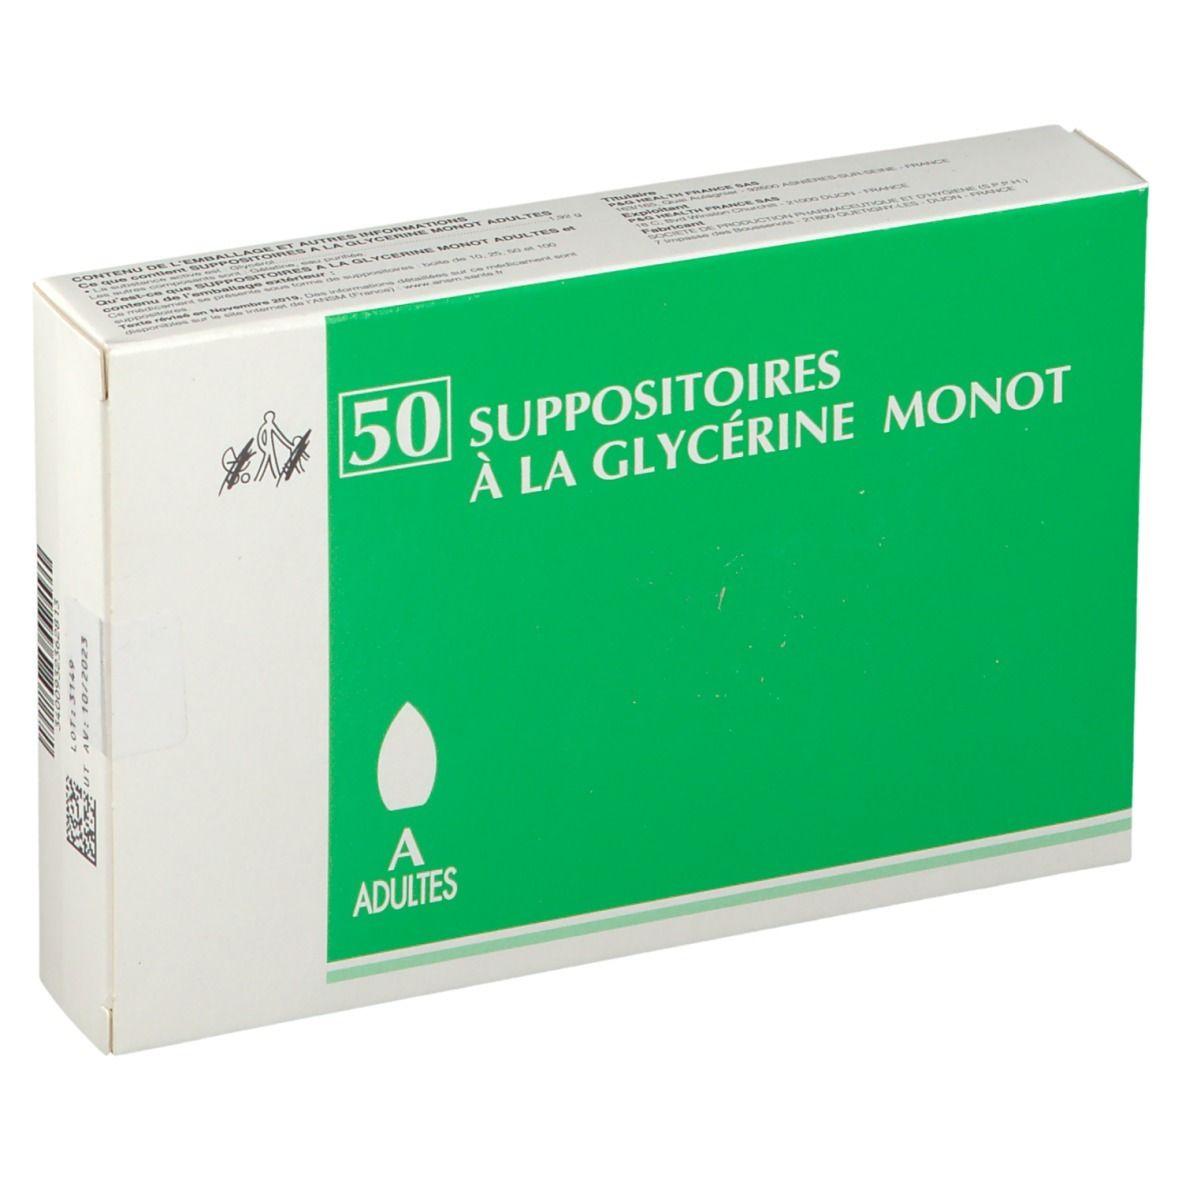 Suppositoires À LA Glycérine Monot Merck Suppositoires à la Glycérine Monot Adultes pc(s) suppositoire(s) pour adultes